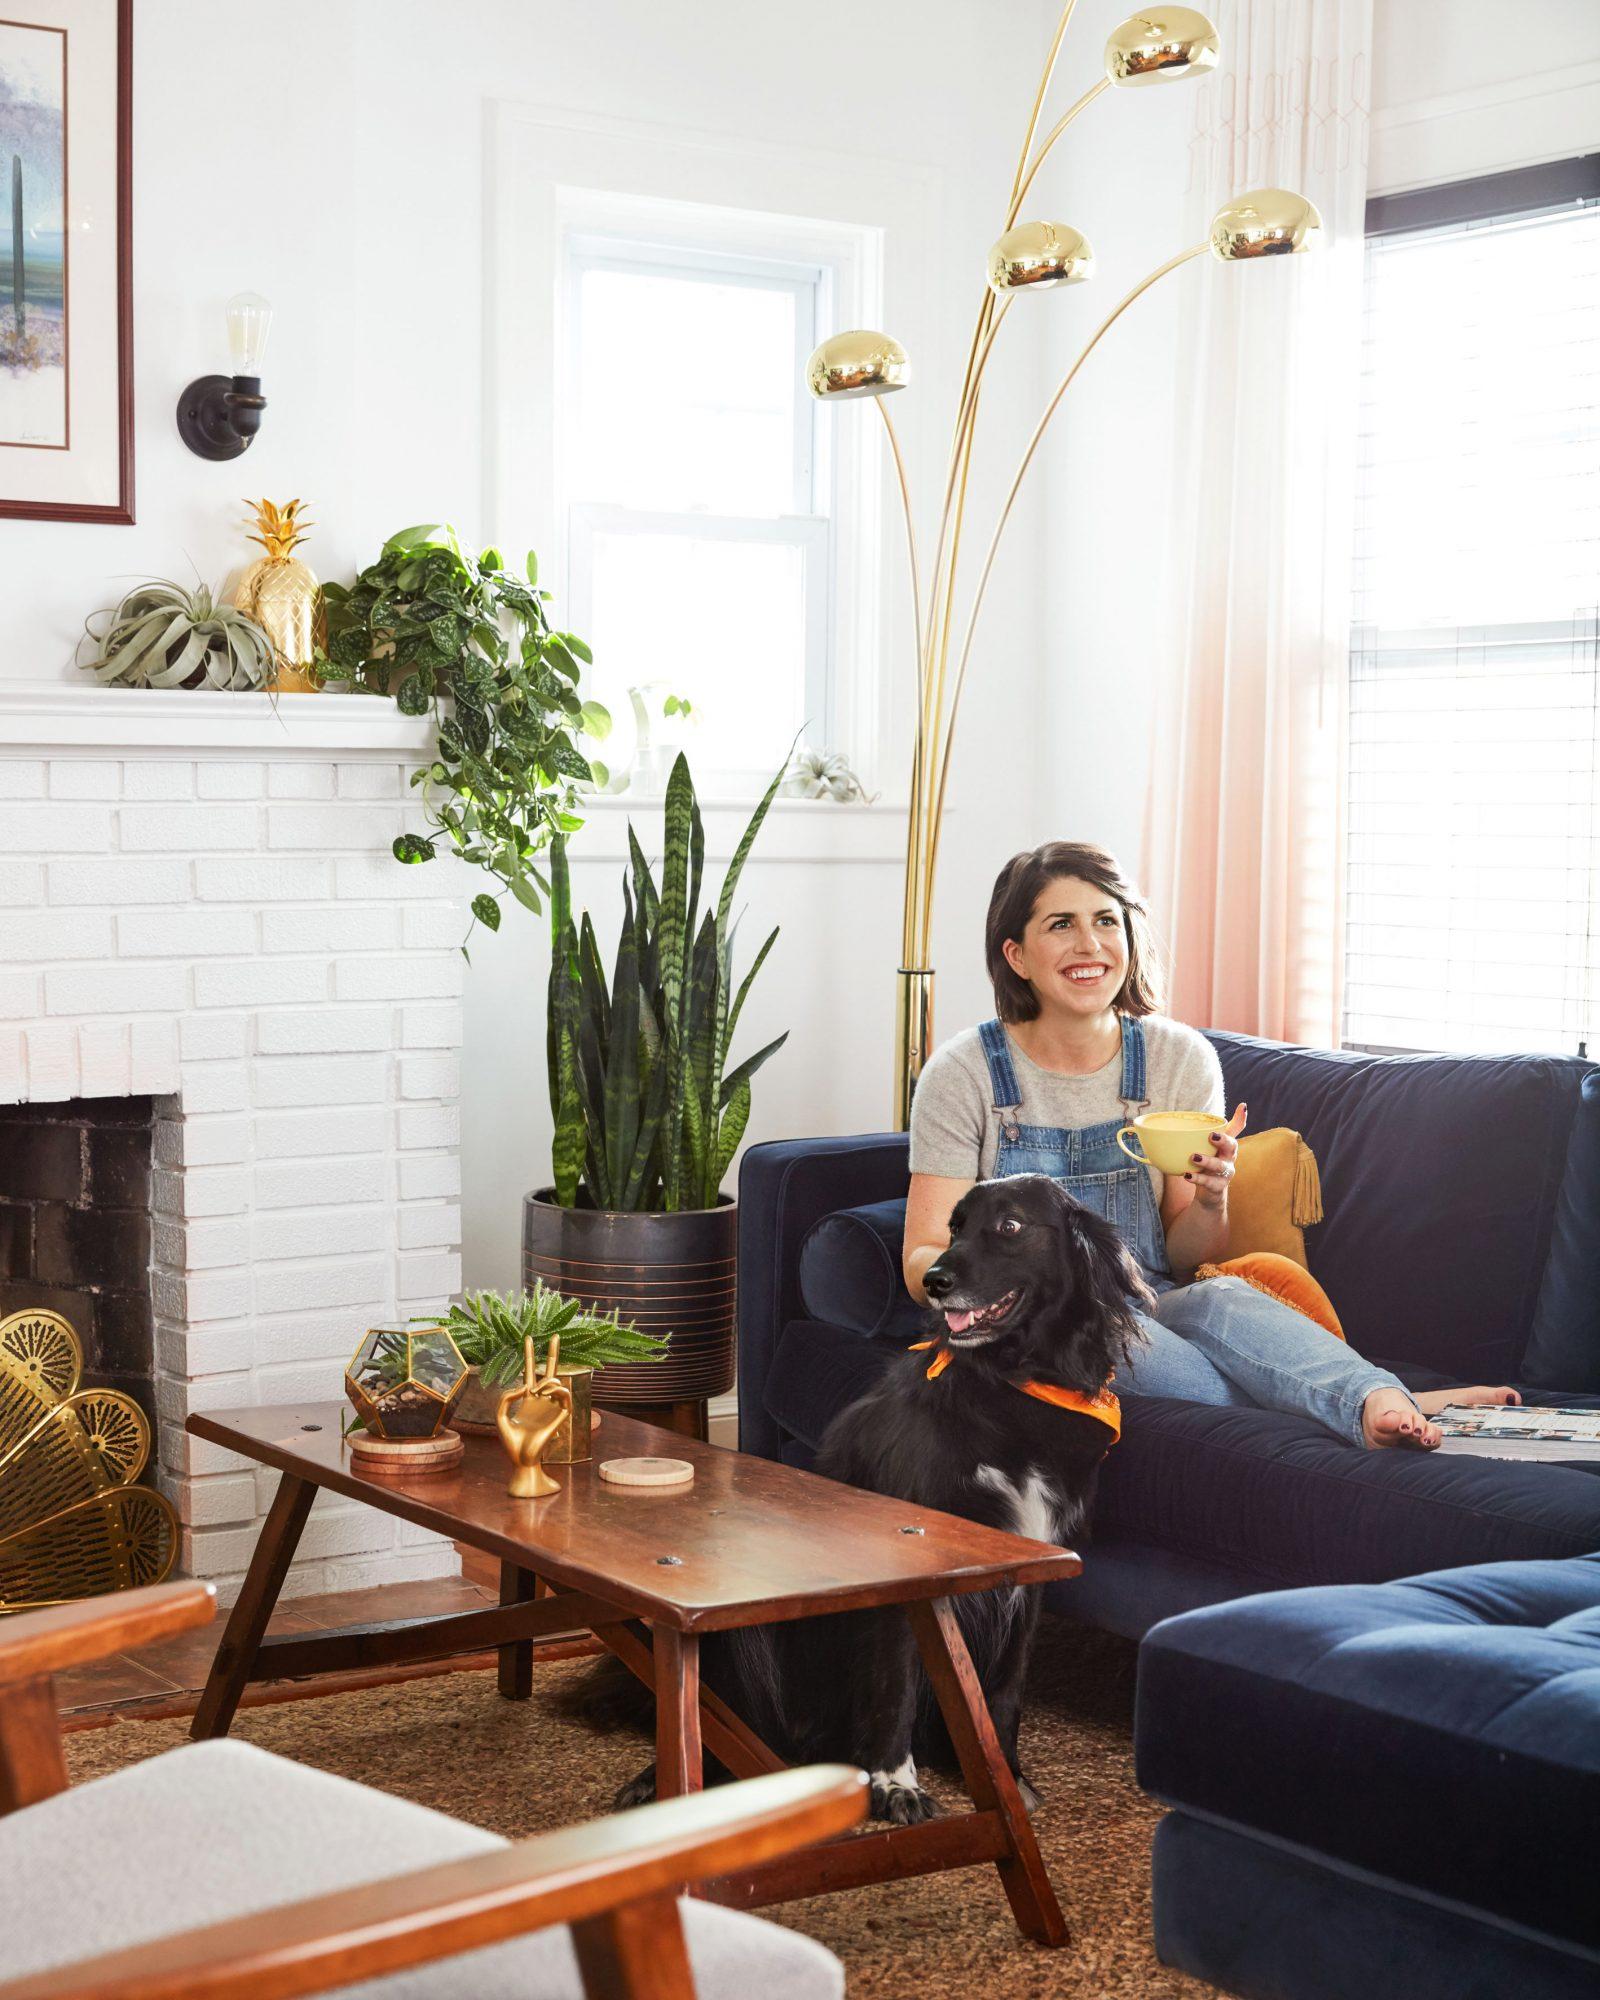 jessica brigham living room dog